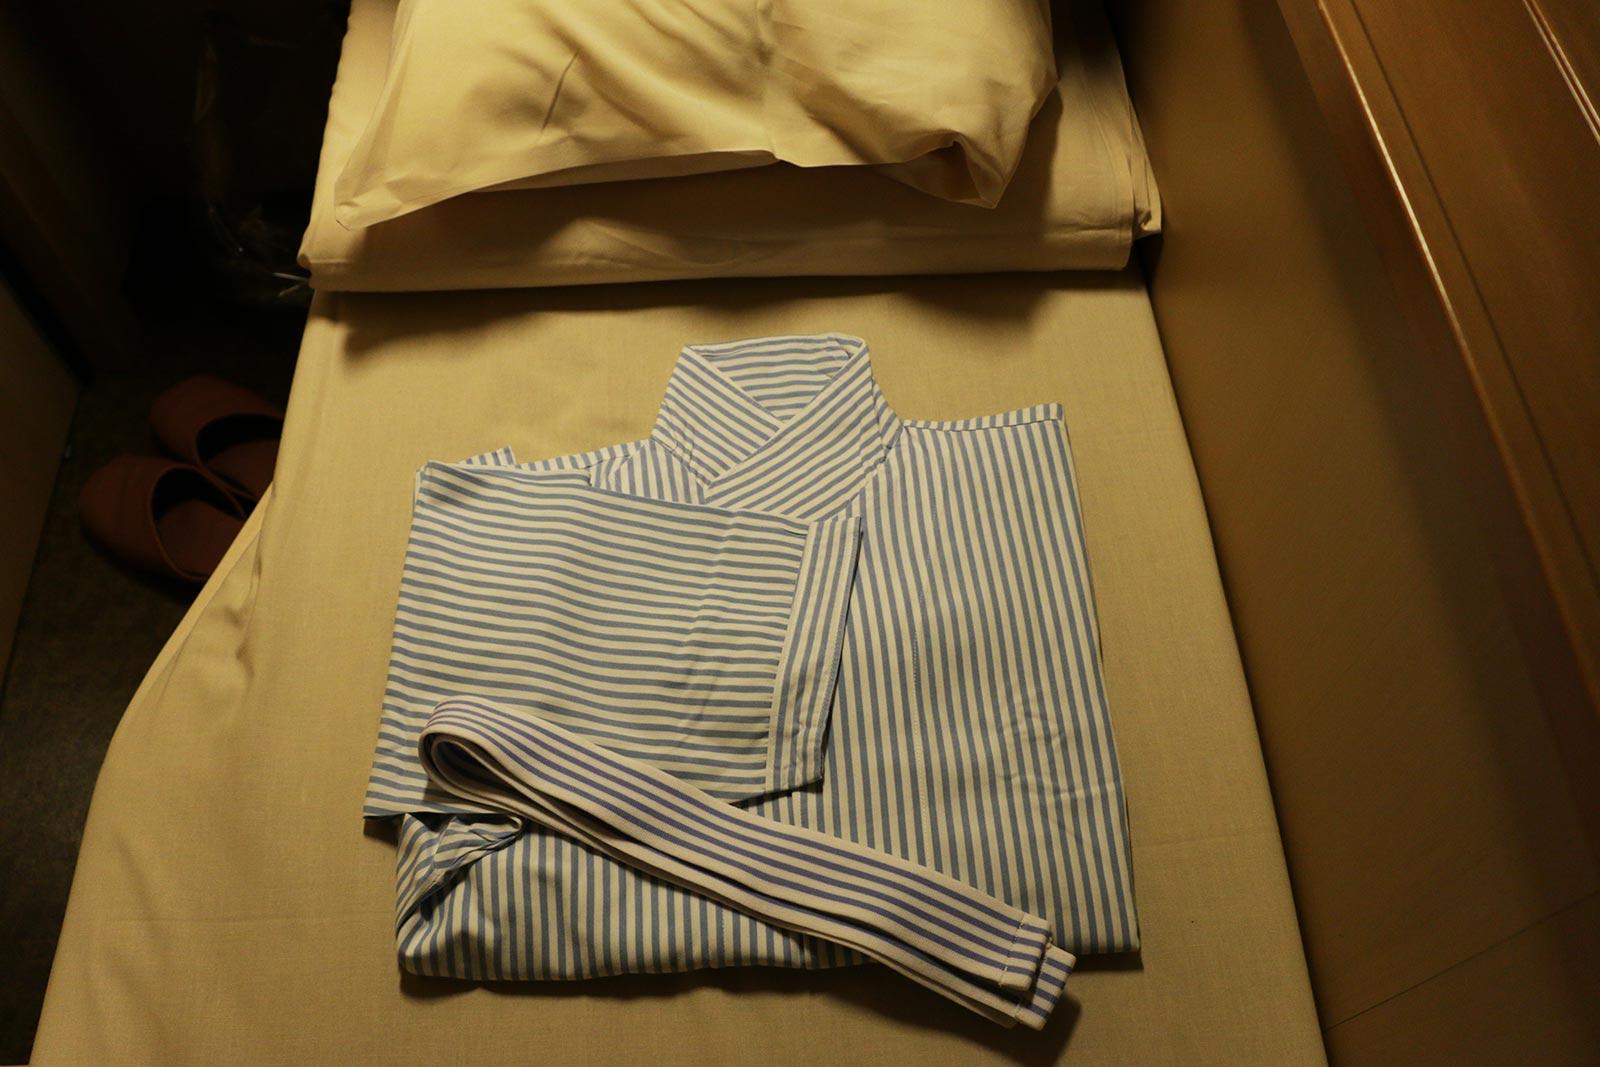 淡いブルーのストライプパジャマ。帯も同じデザインでかわいらしい